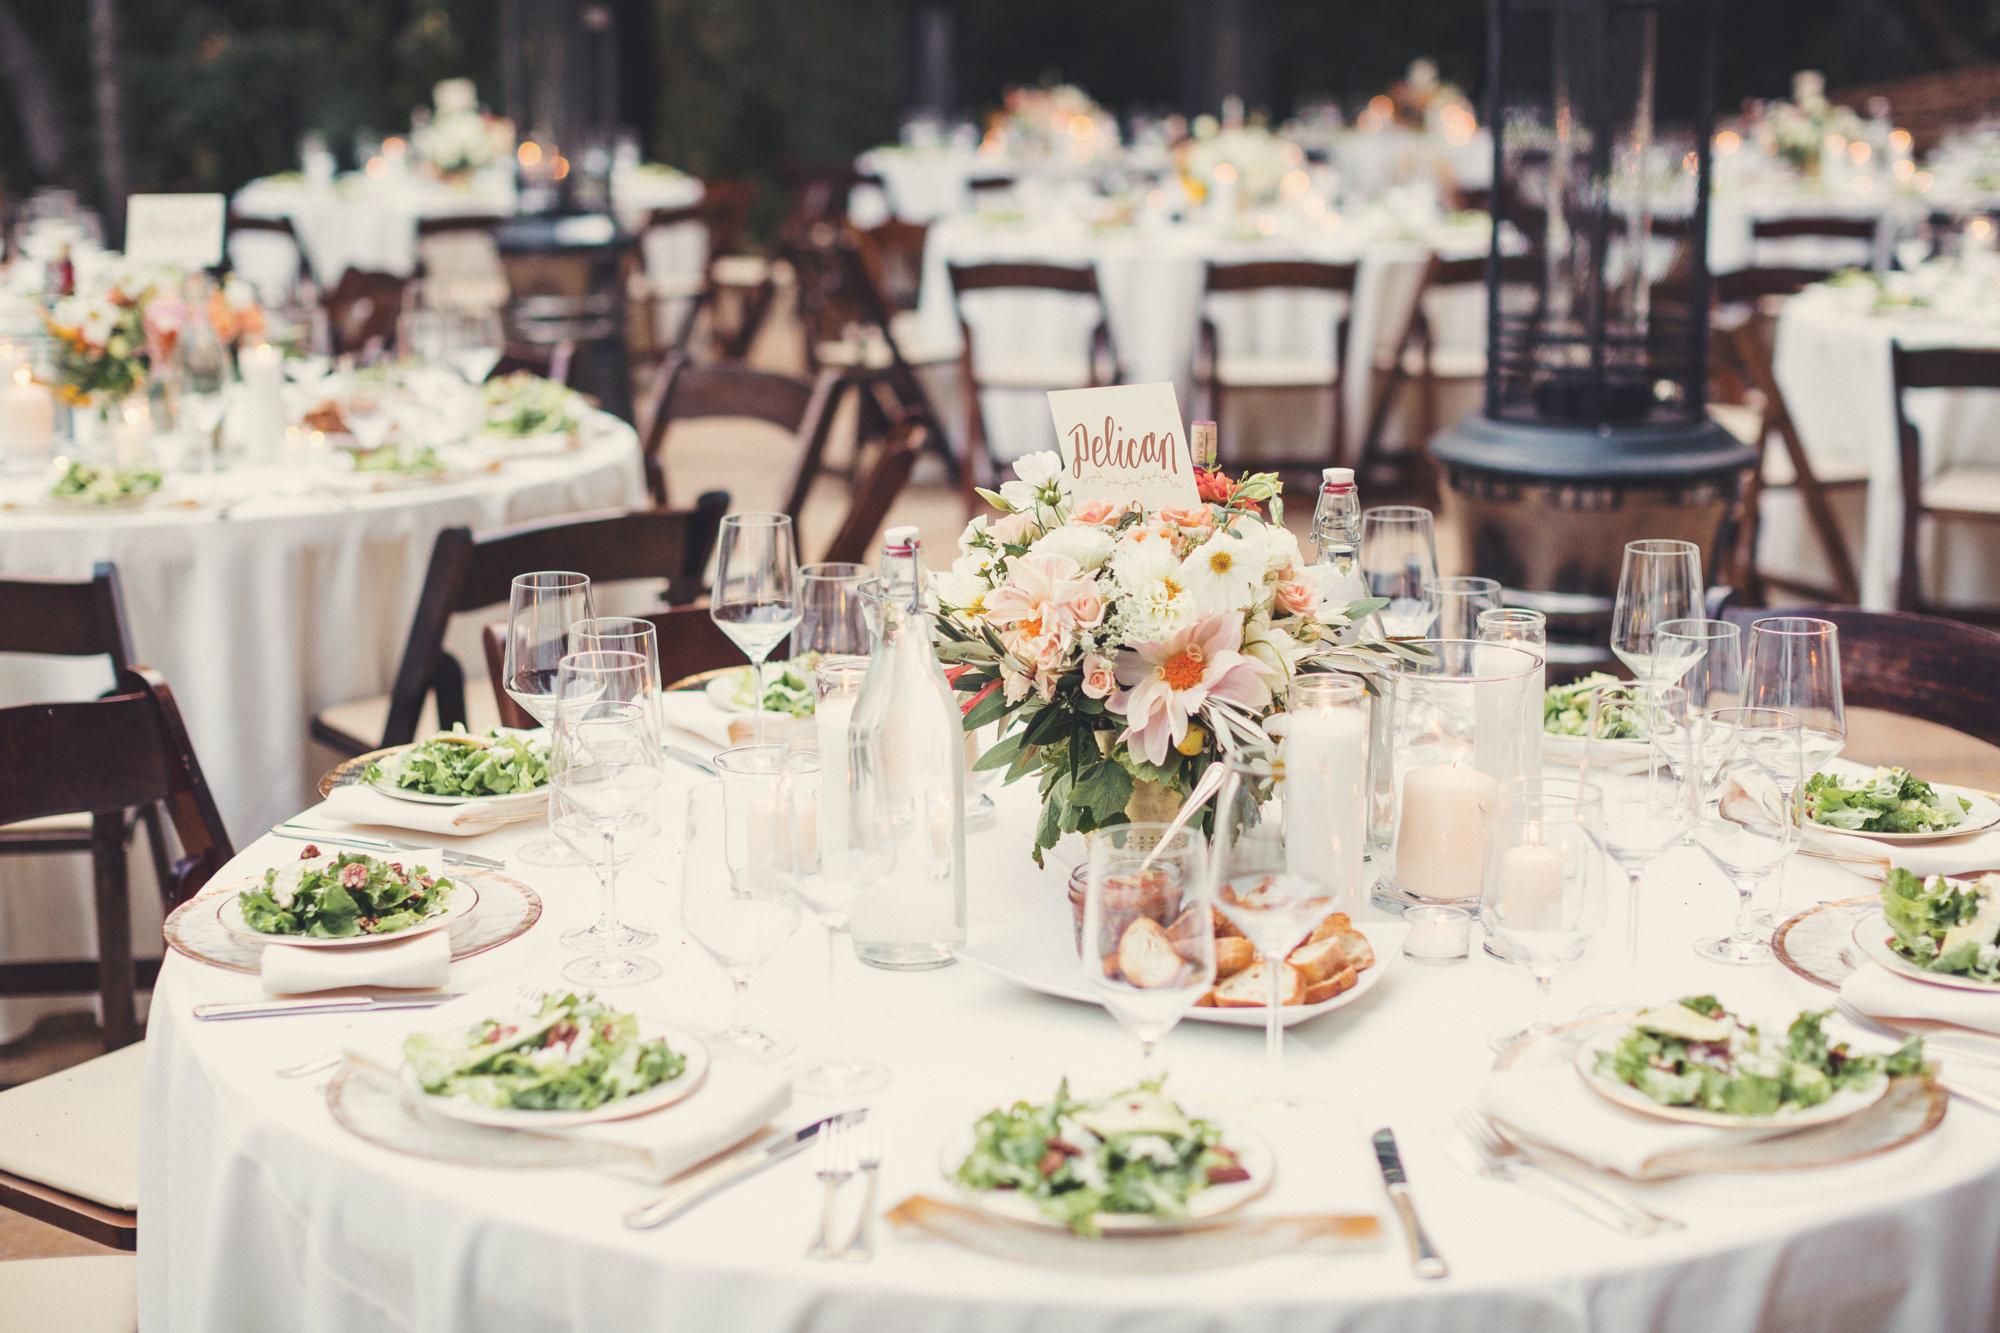 Sequoia Retreat Center Wedding@Anne-Claire Brun 170